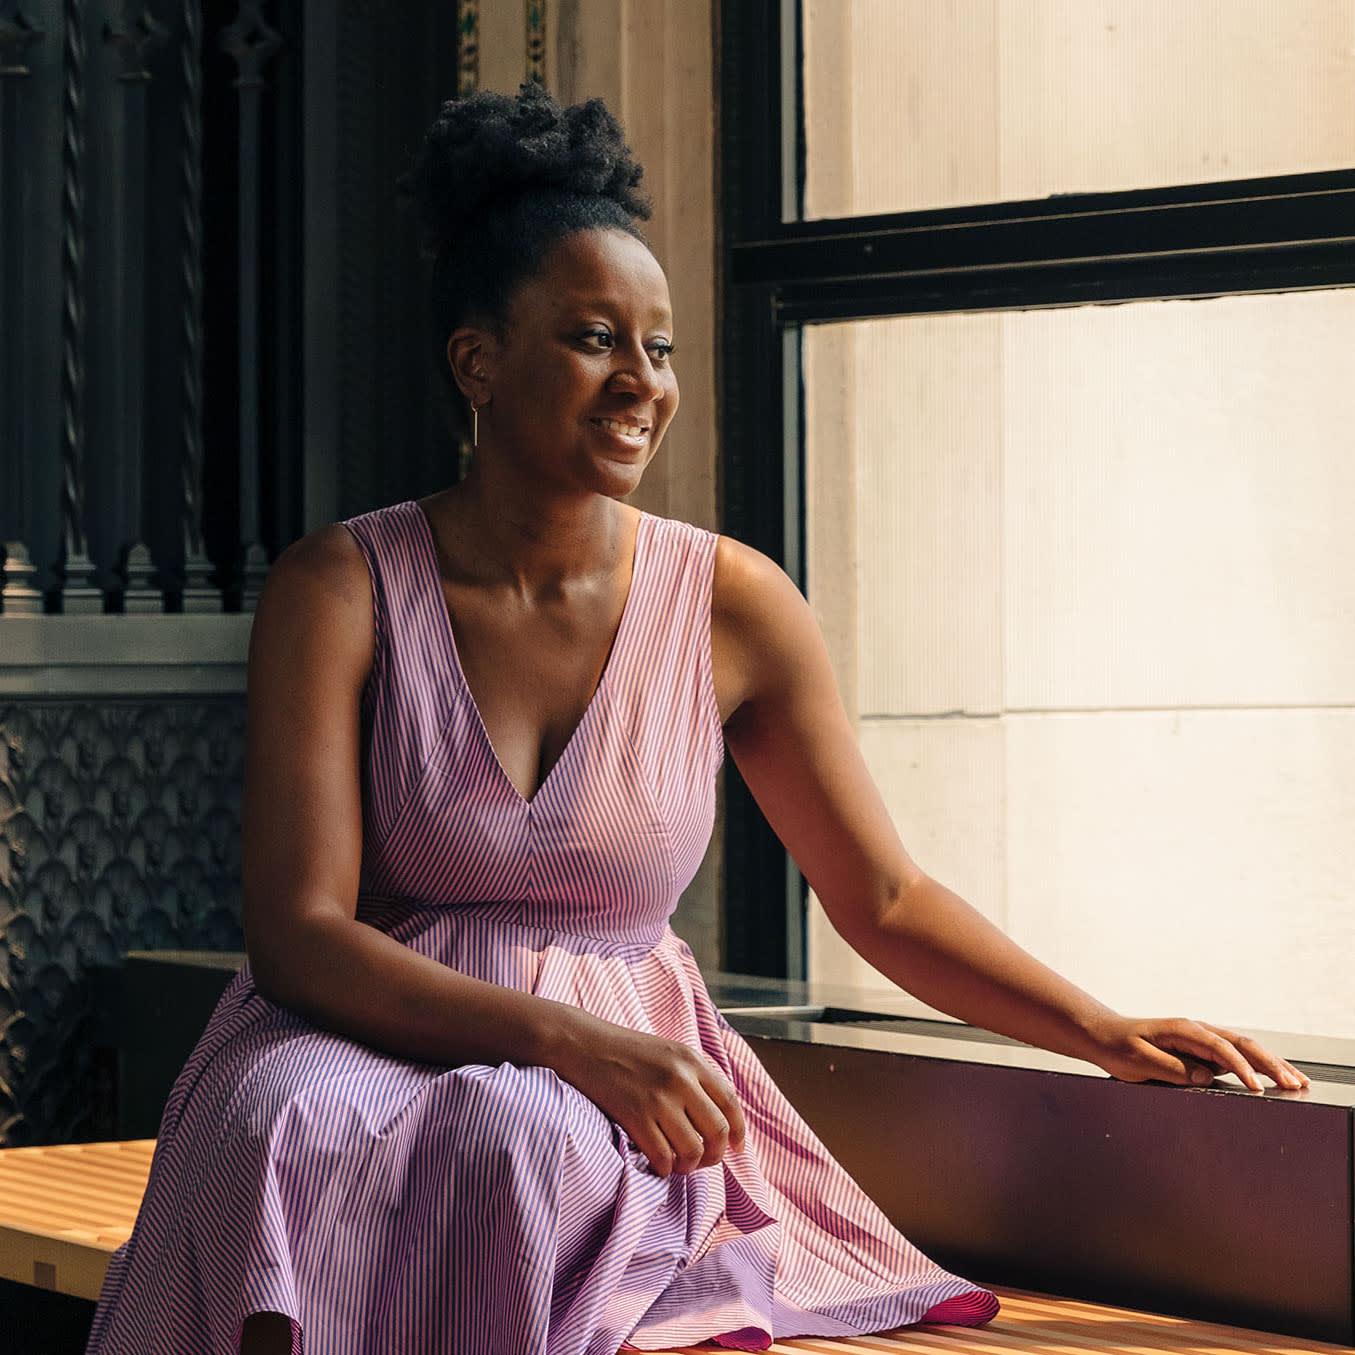 woman in purple dress sitting by window